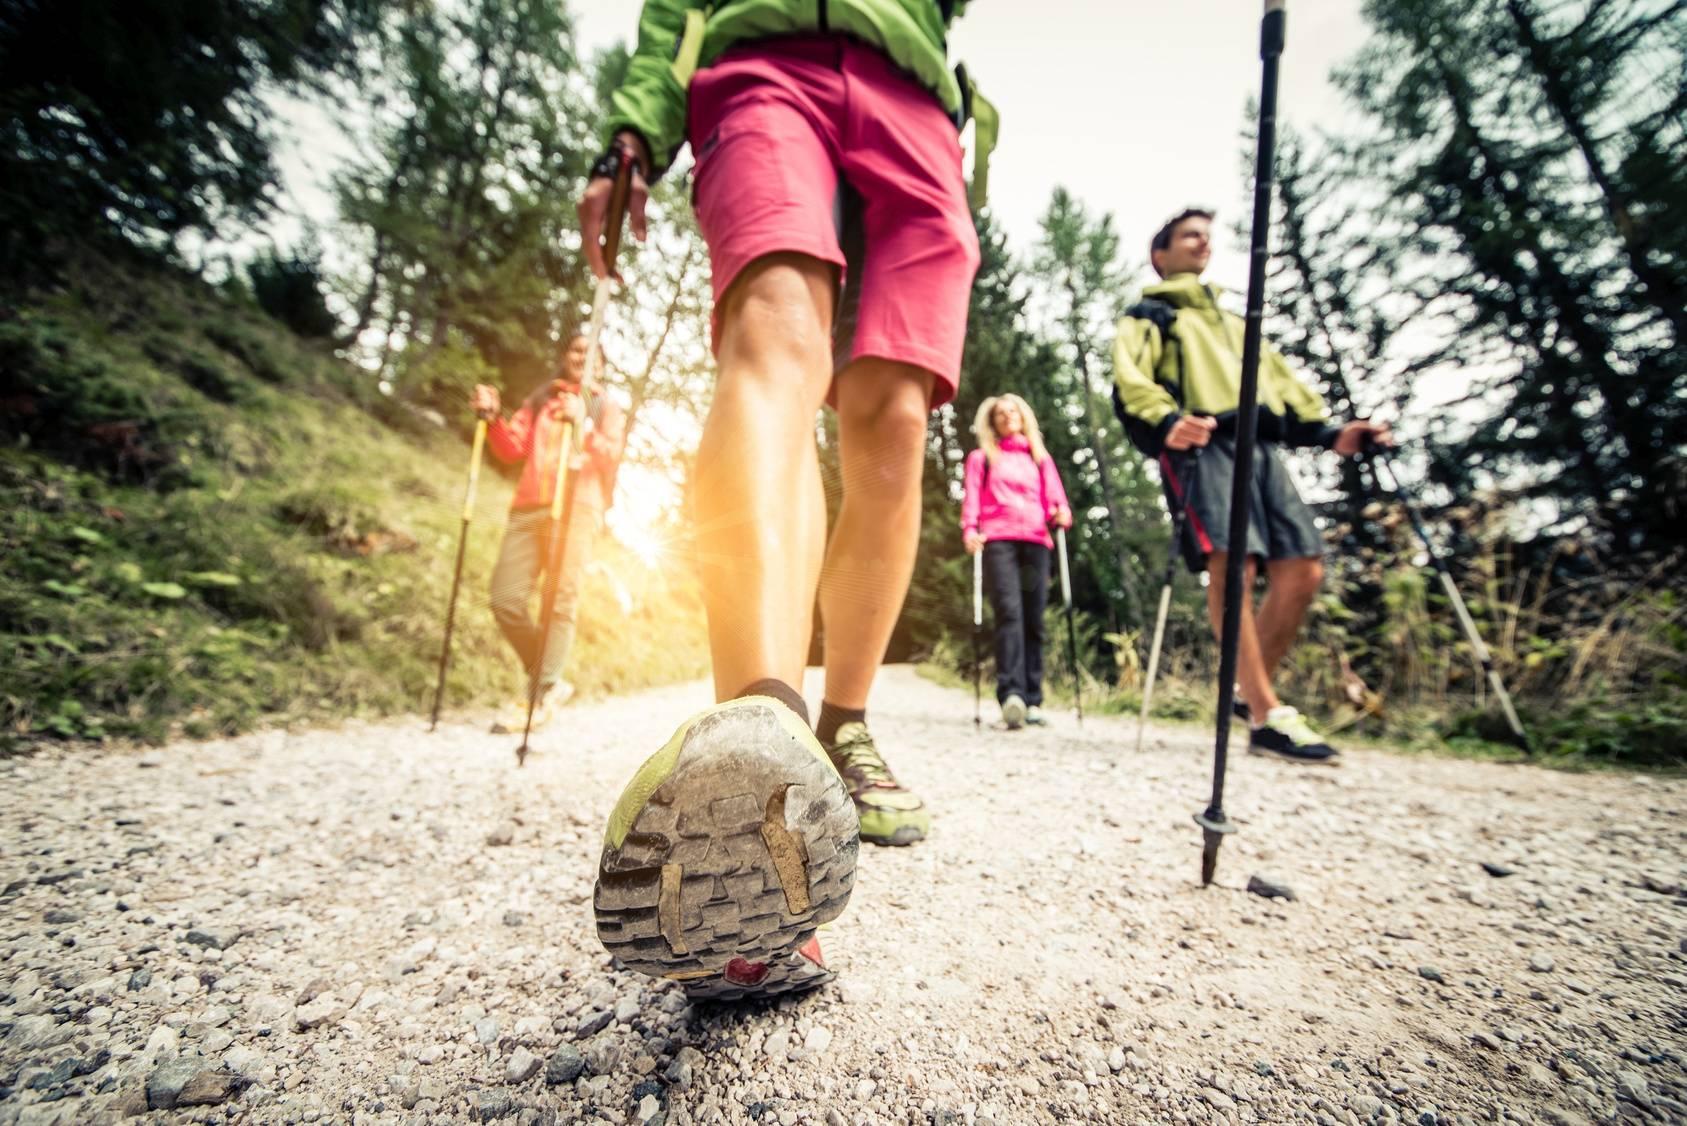 Nordic walking dla początkujących - jak go uprawiać poprawnie? Grupa osób uprawia nordoc walking w lesie - zbliżenie na but.